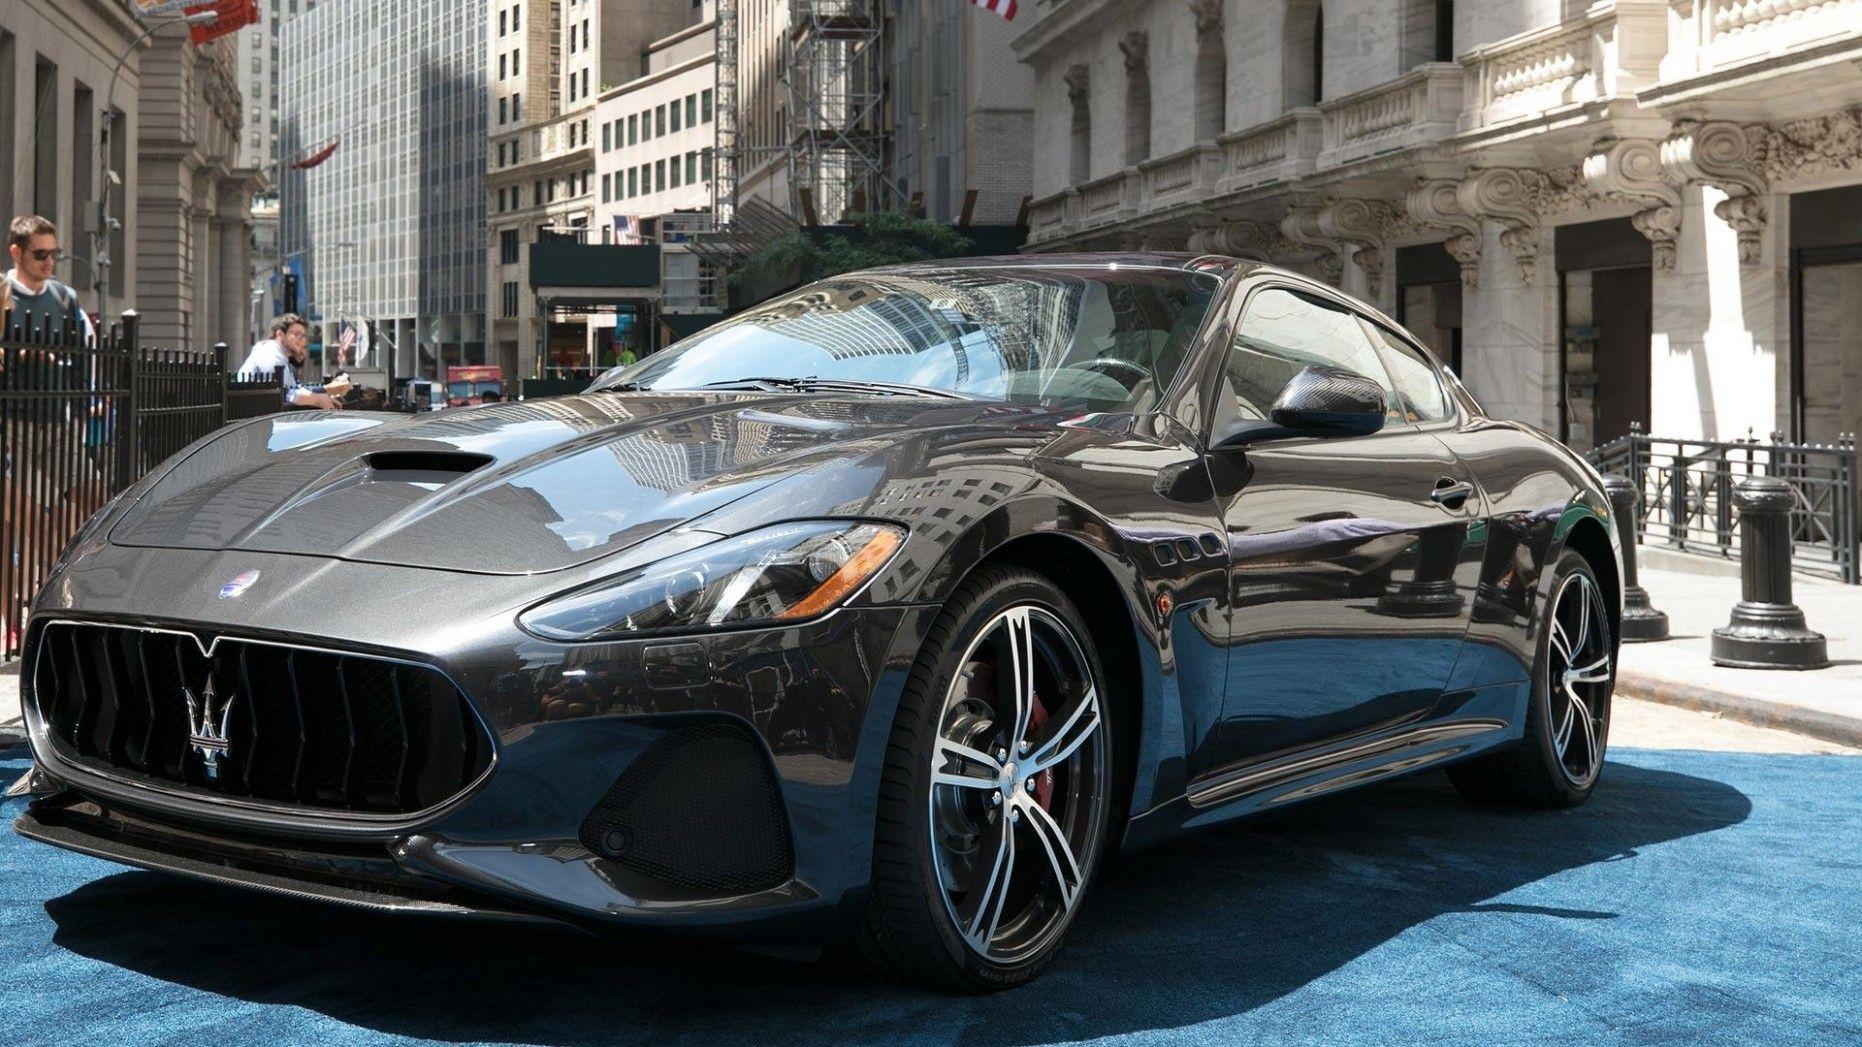 2021 Maserati Granturismo Review